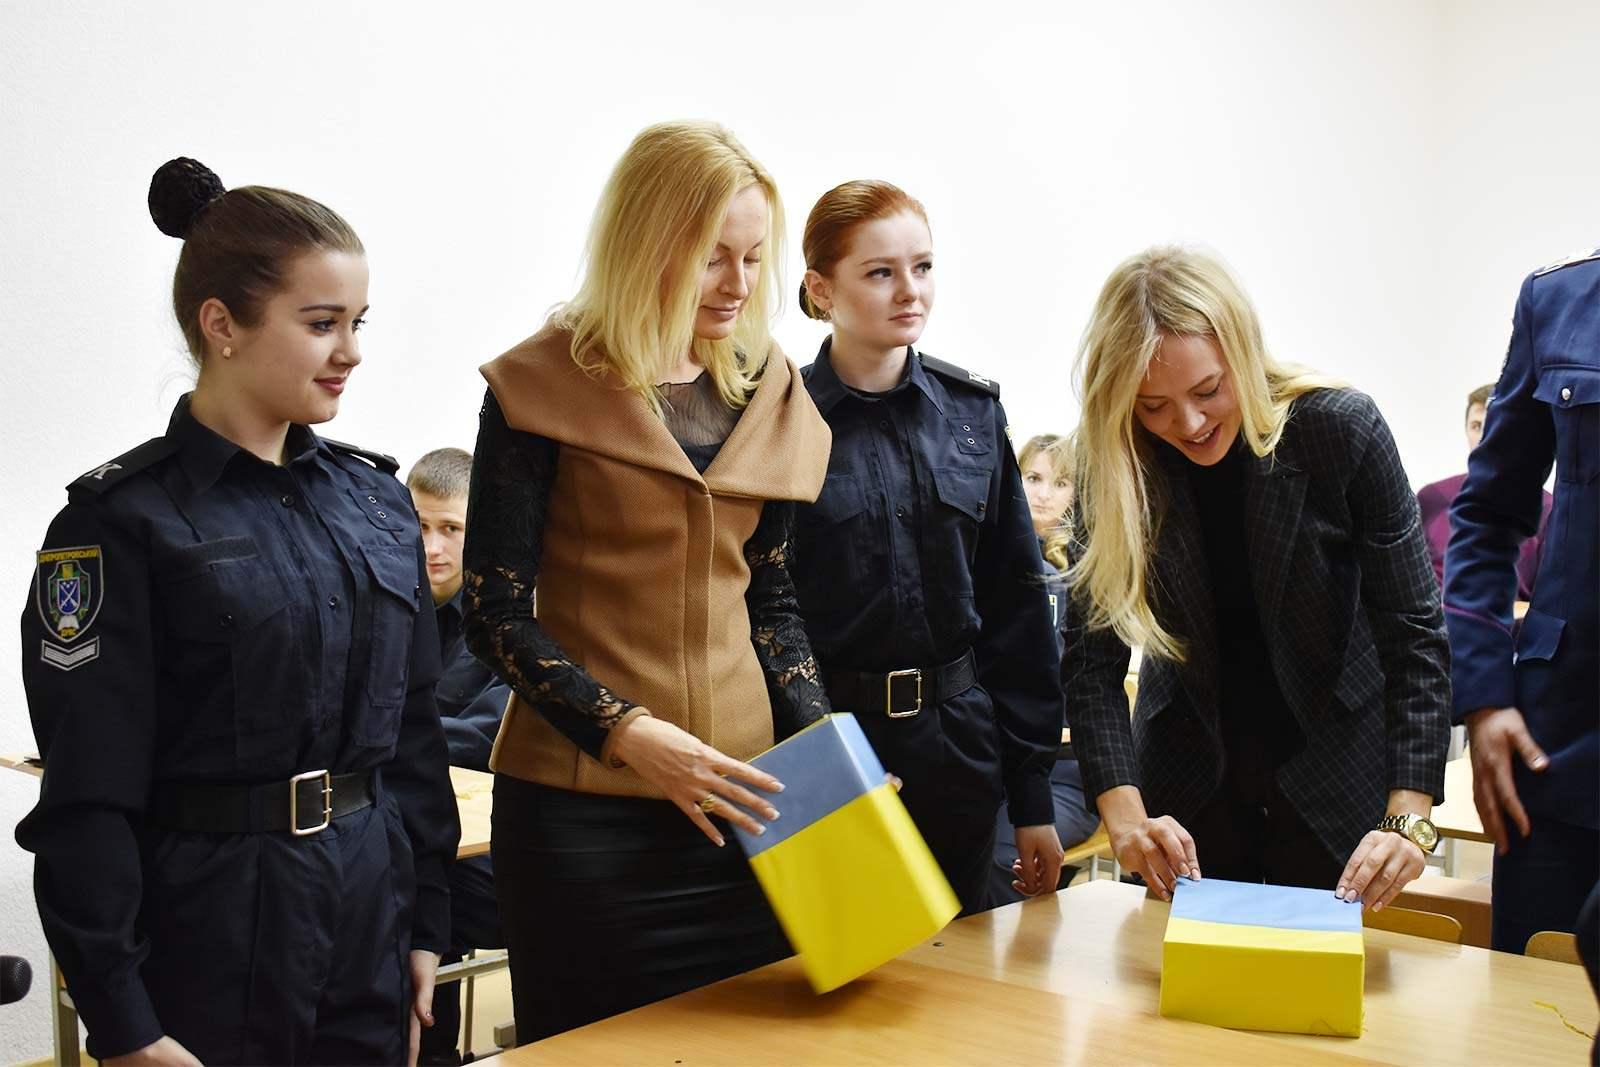 Організували та провели захід Лариси Наливайко, Ірини Грицай, деканат юридичного факультету та Вікторія Савіщенко